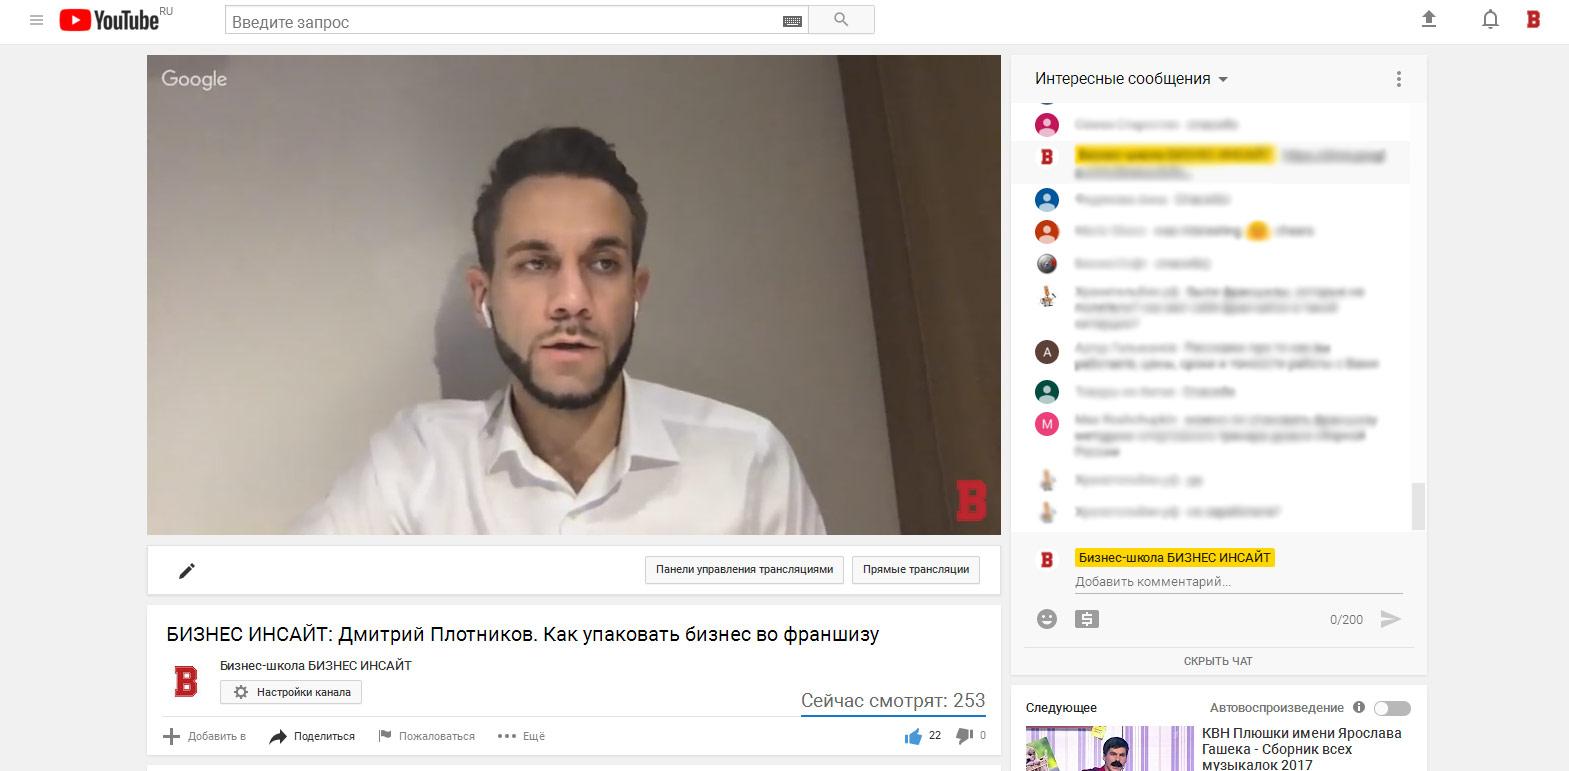 Дмитрий Плотников провел открытый вебинар на площадке БИЗНЕС ИНСАЙТ